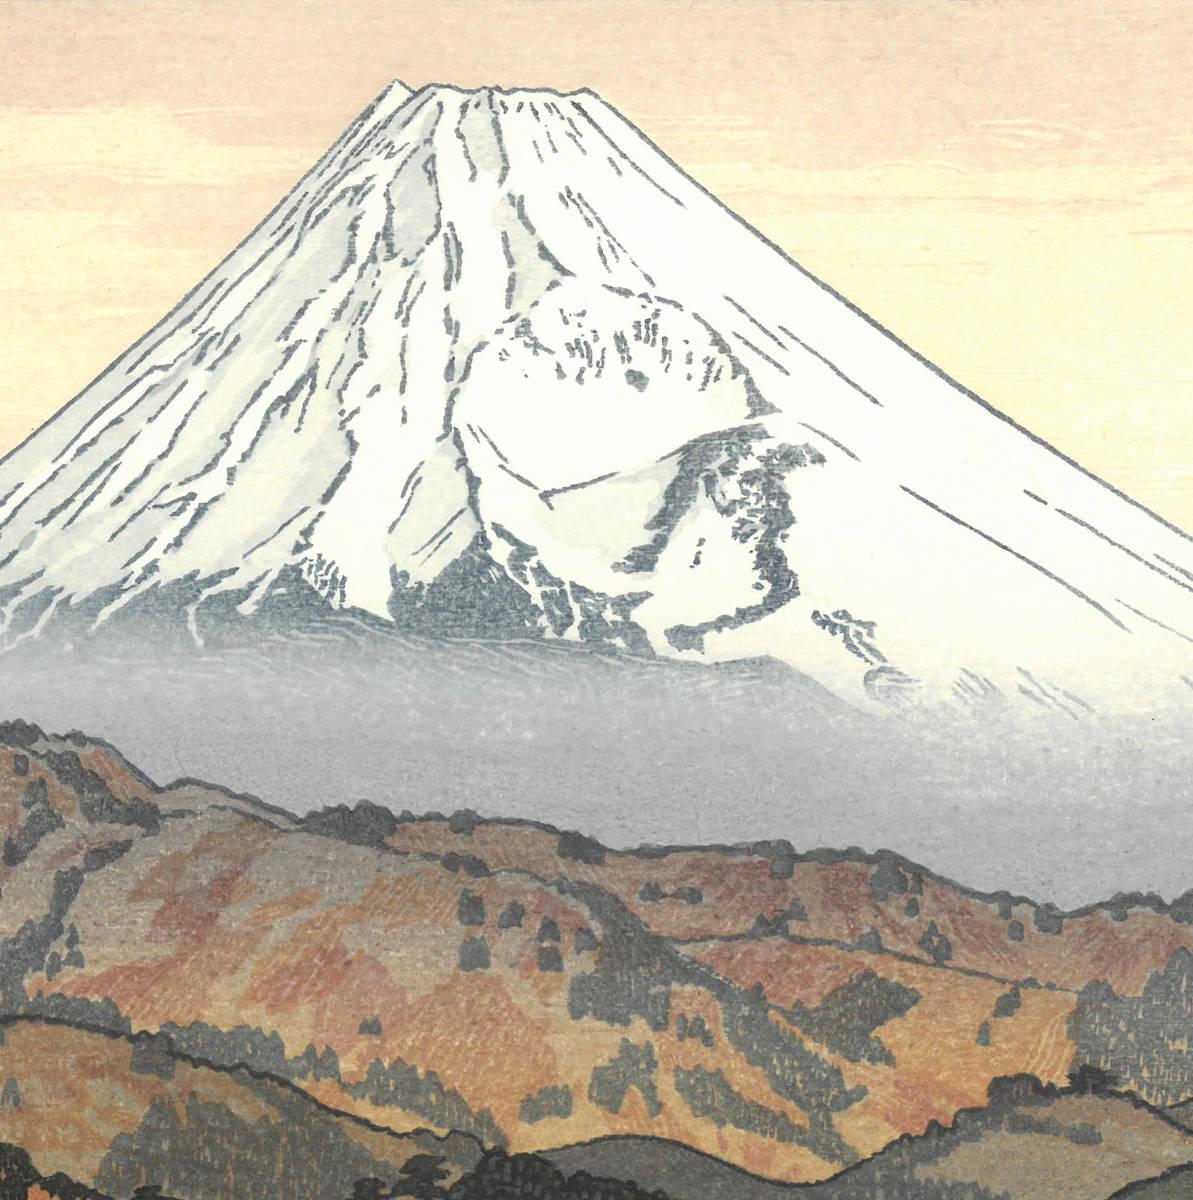 吉田遠志 木版画  016204 伊豆長岡の富士 冬 (Mt.Fuji from Nagaoka winter)  初摺1962年    最高峰の摺師の技をご堪能下さい!!_画像9